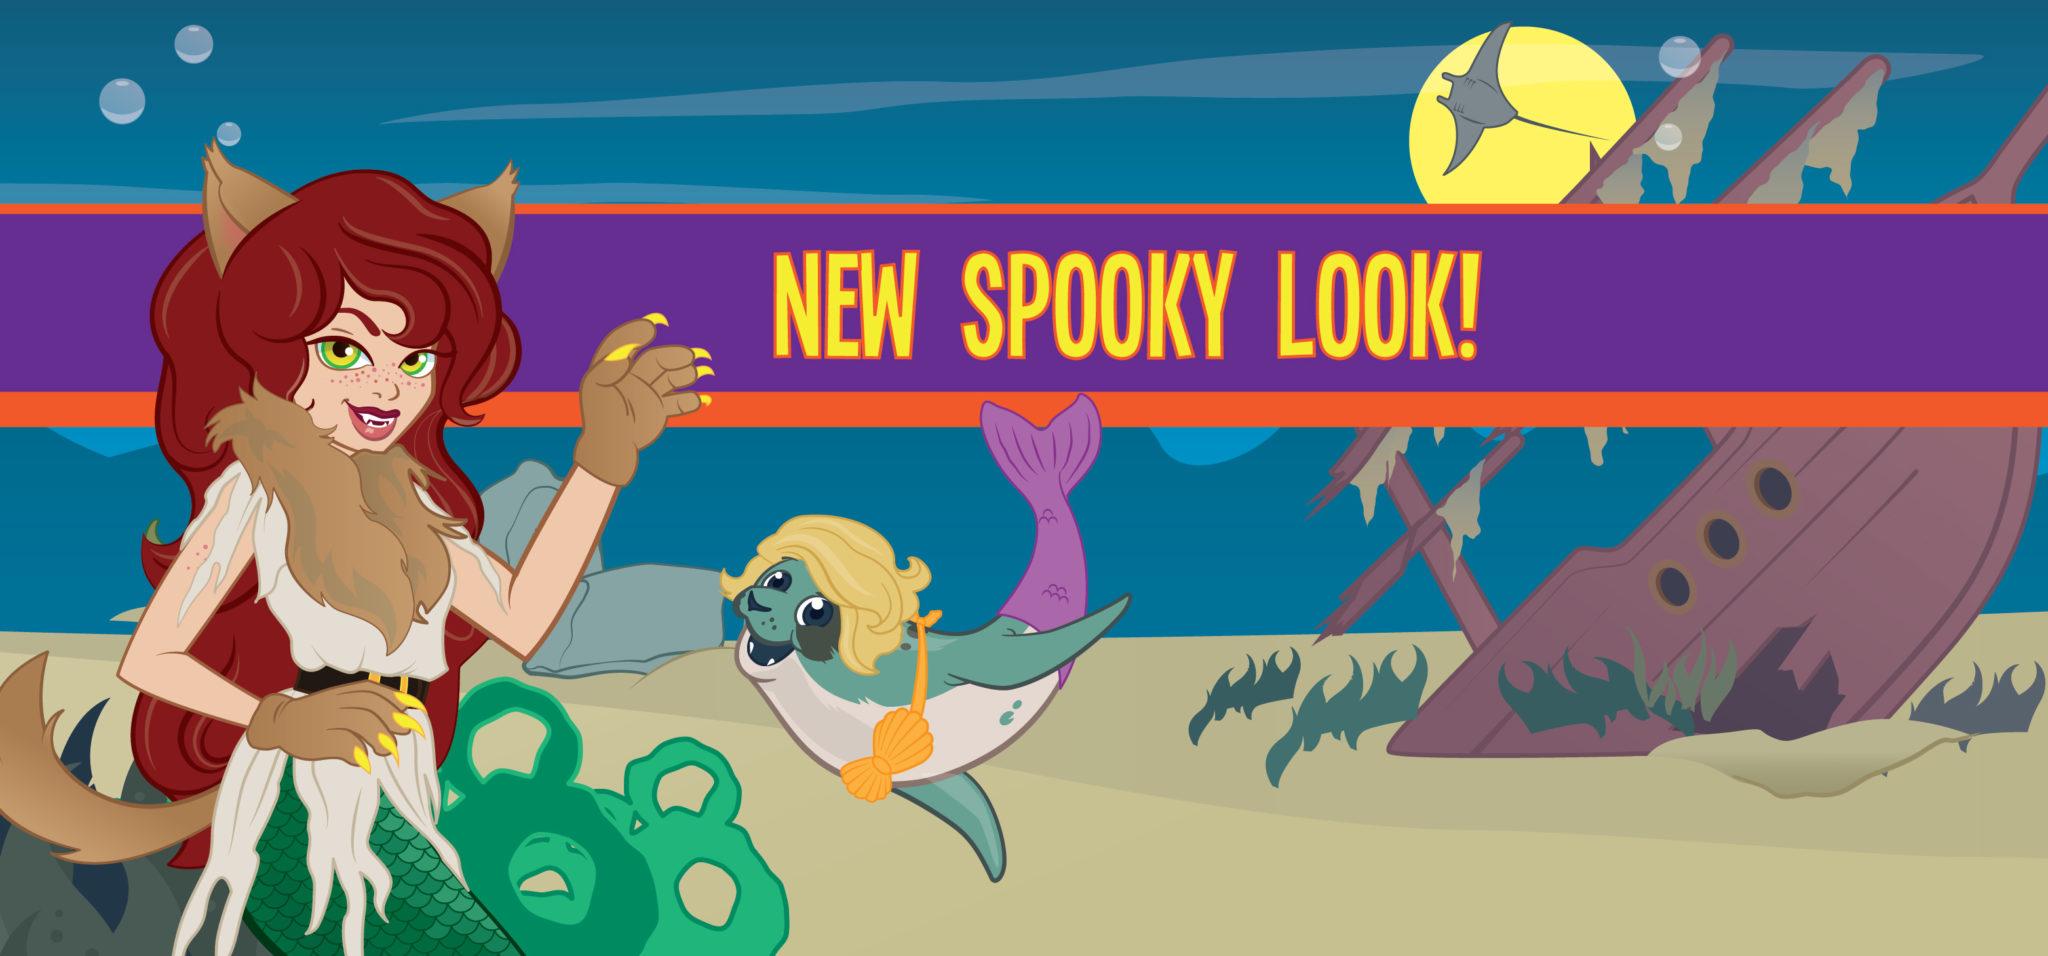 FinFriends Spooky Look!